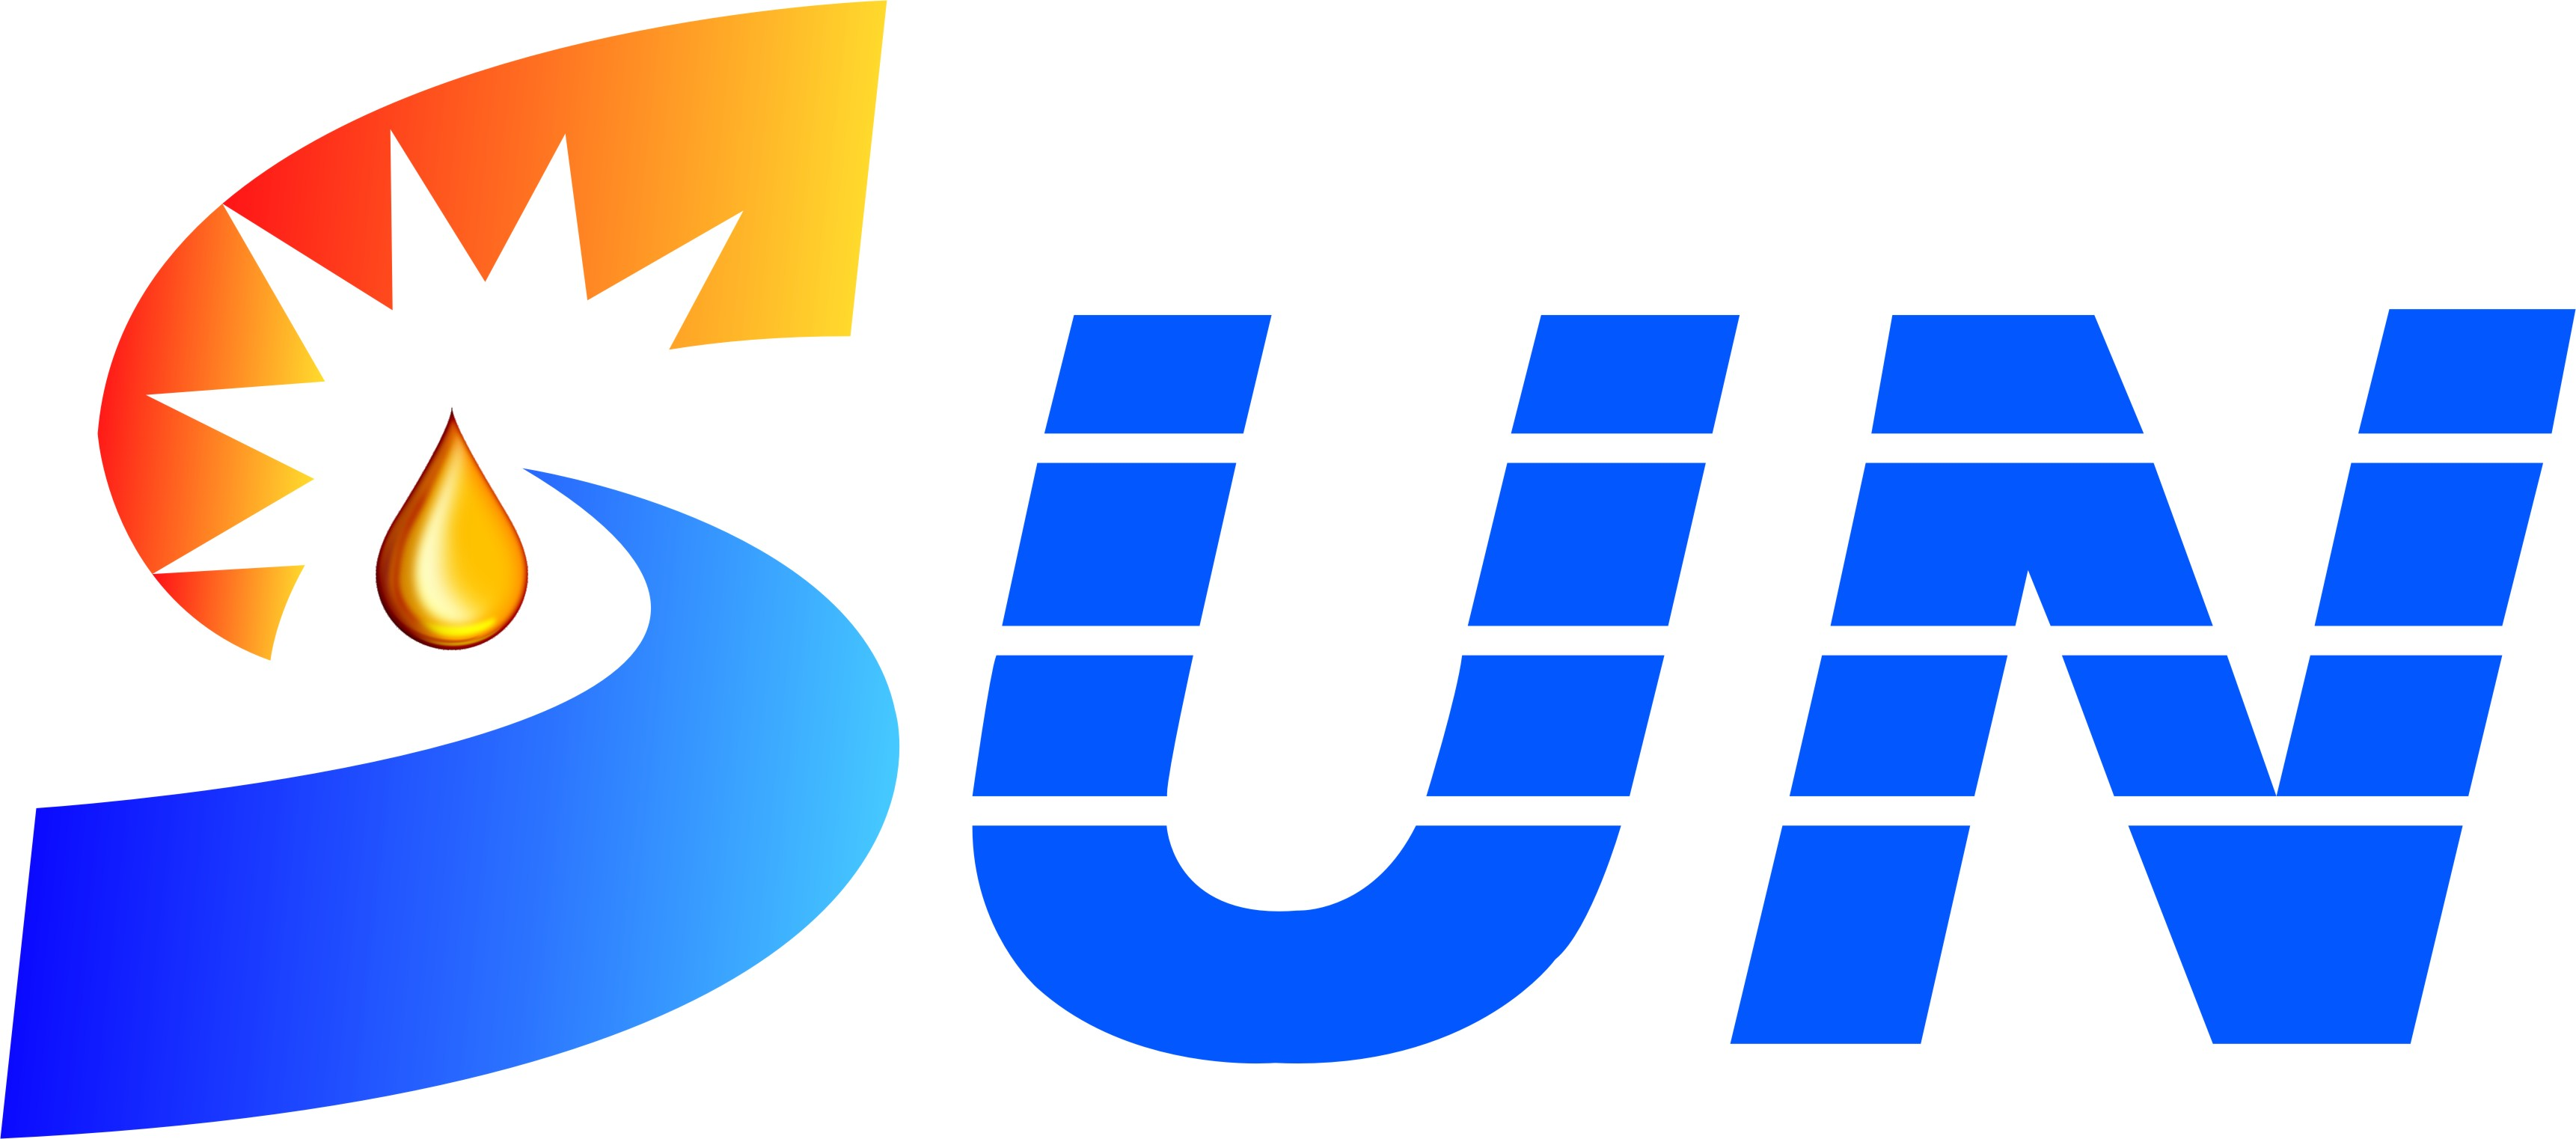 logo logo 标志 设计 矢量 矢量图 素材 图标 3443_1522